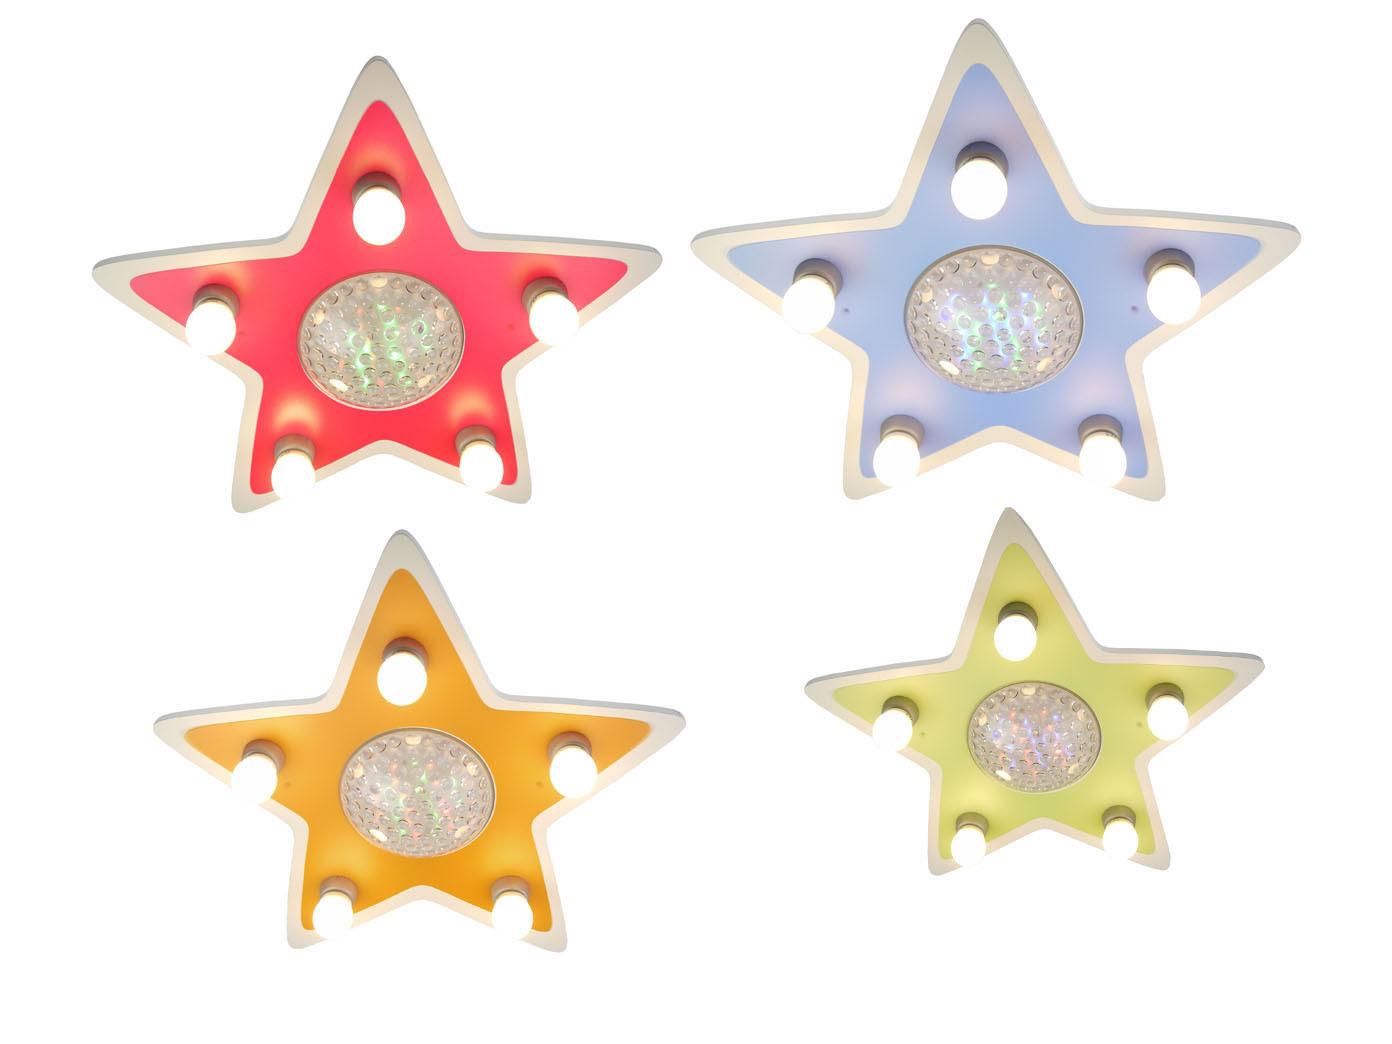 Kinder Deckenleuchte Stern Lampe Kinderzimmer 4 Farben zaubern Lichteffekte  LED